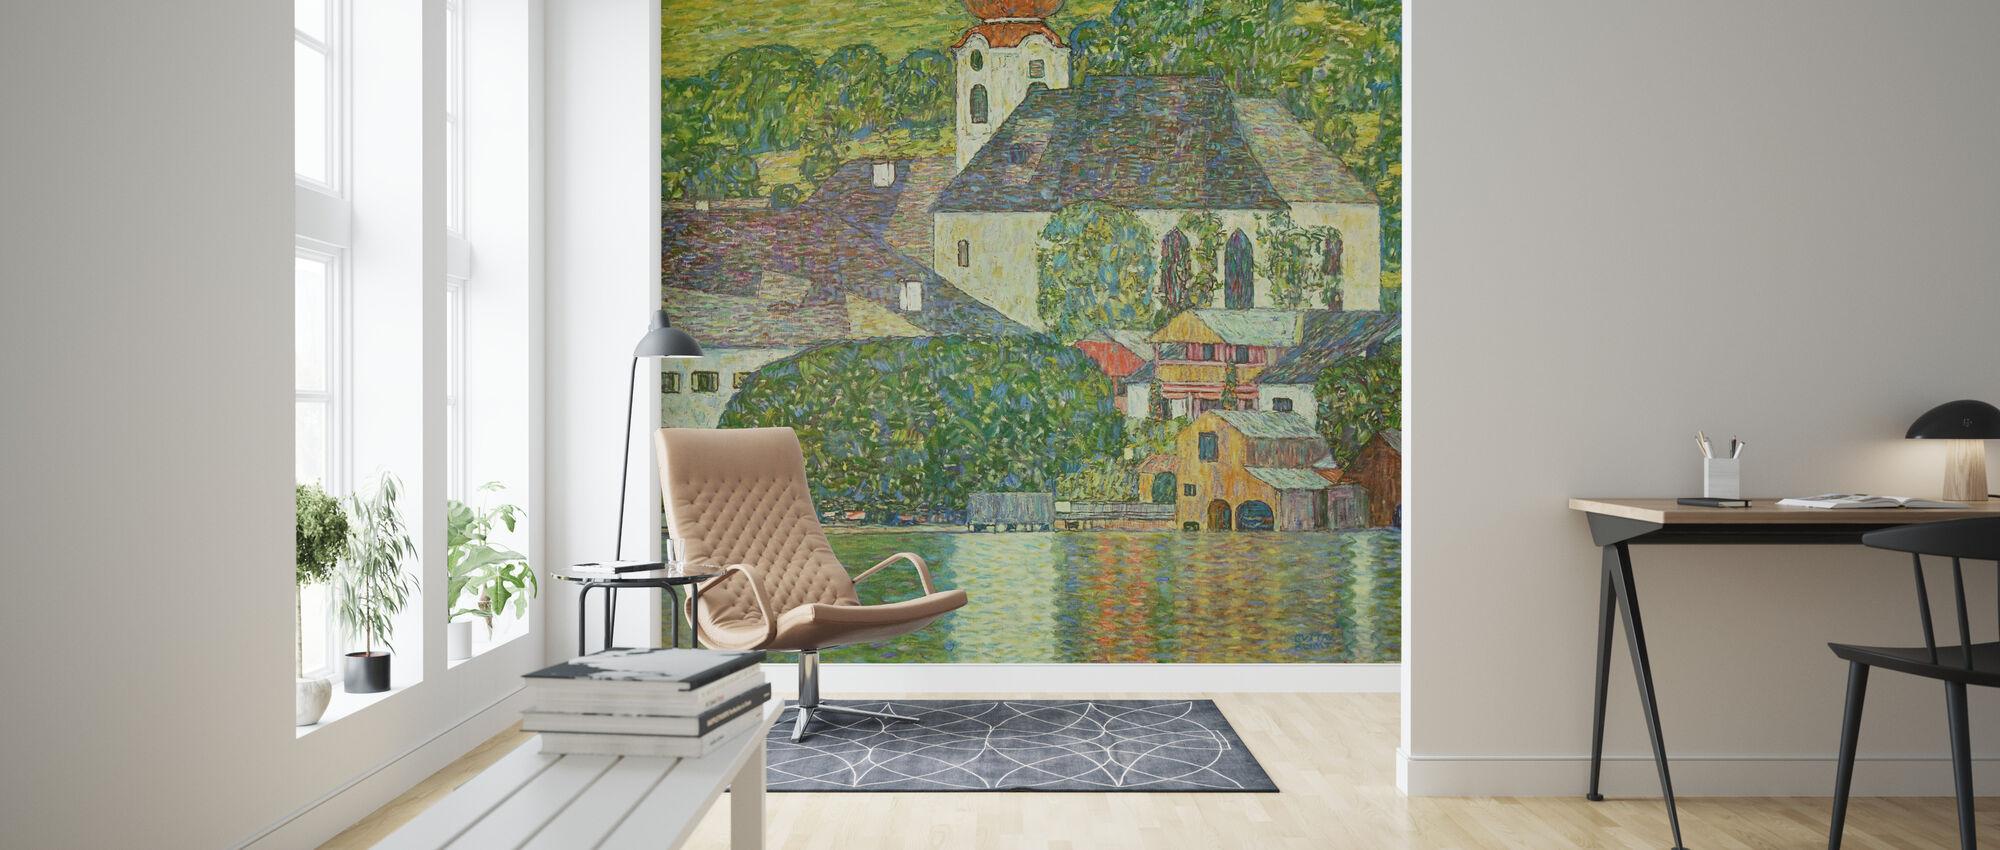 Church in Unterach on Attersee - Gustav Klimt - Wallpaper - Living Room